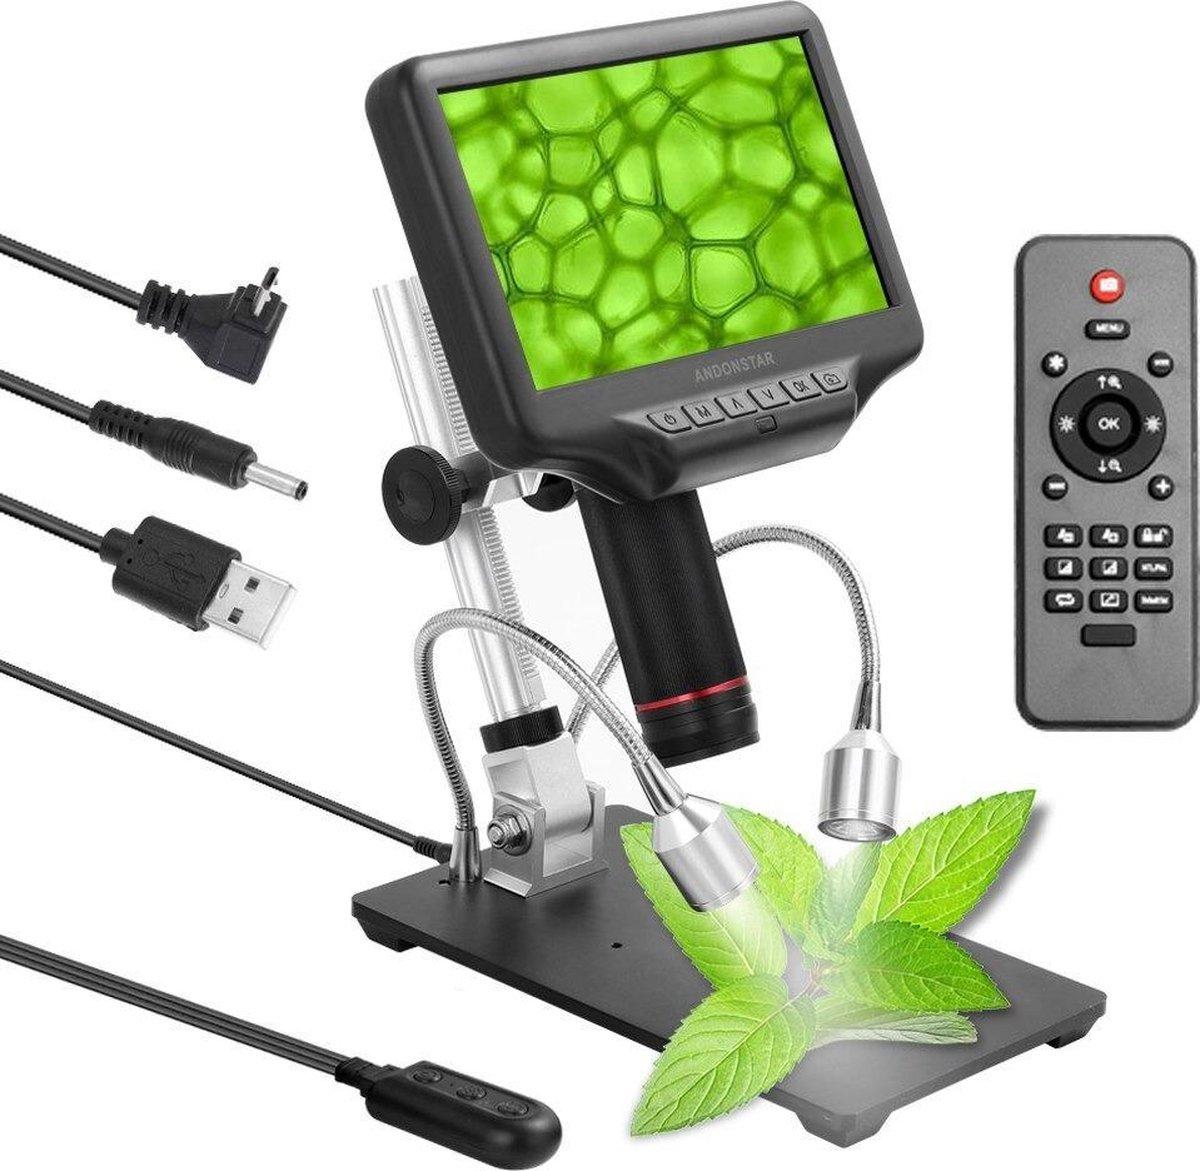 Dakta® Digitale Microscoop | 7 Inch LCD-scherm | 270x vergroting | 1080P | 3D